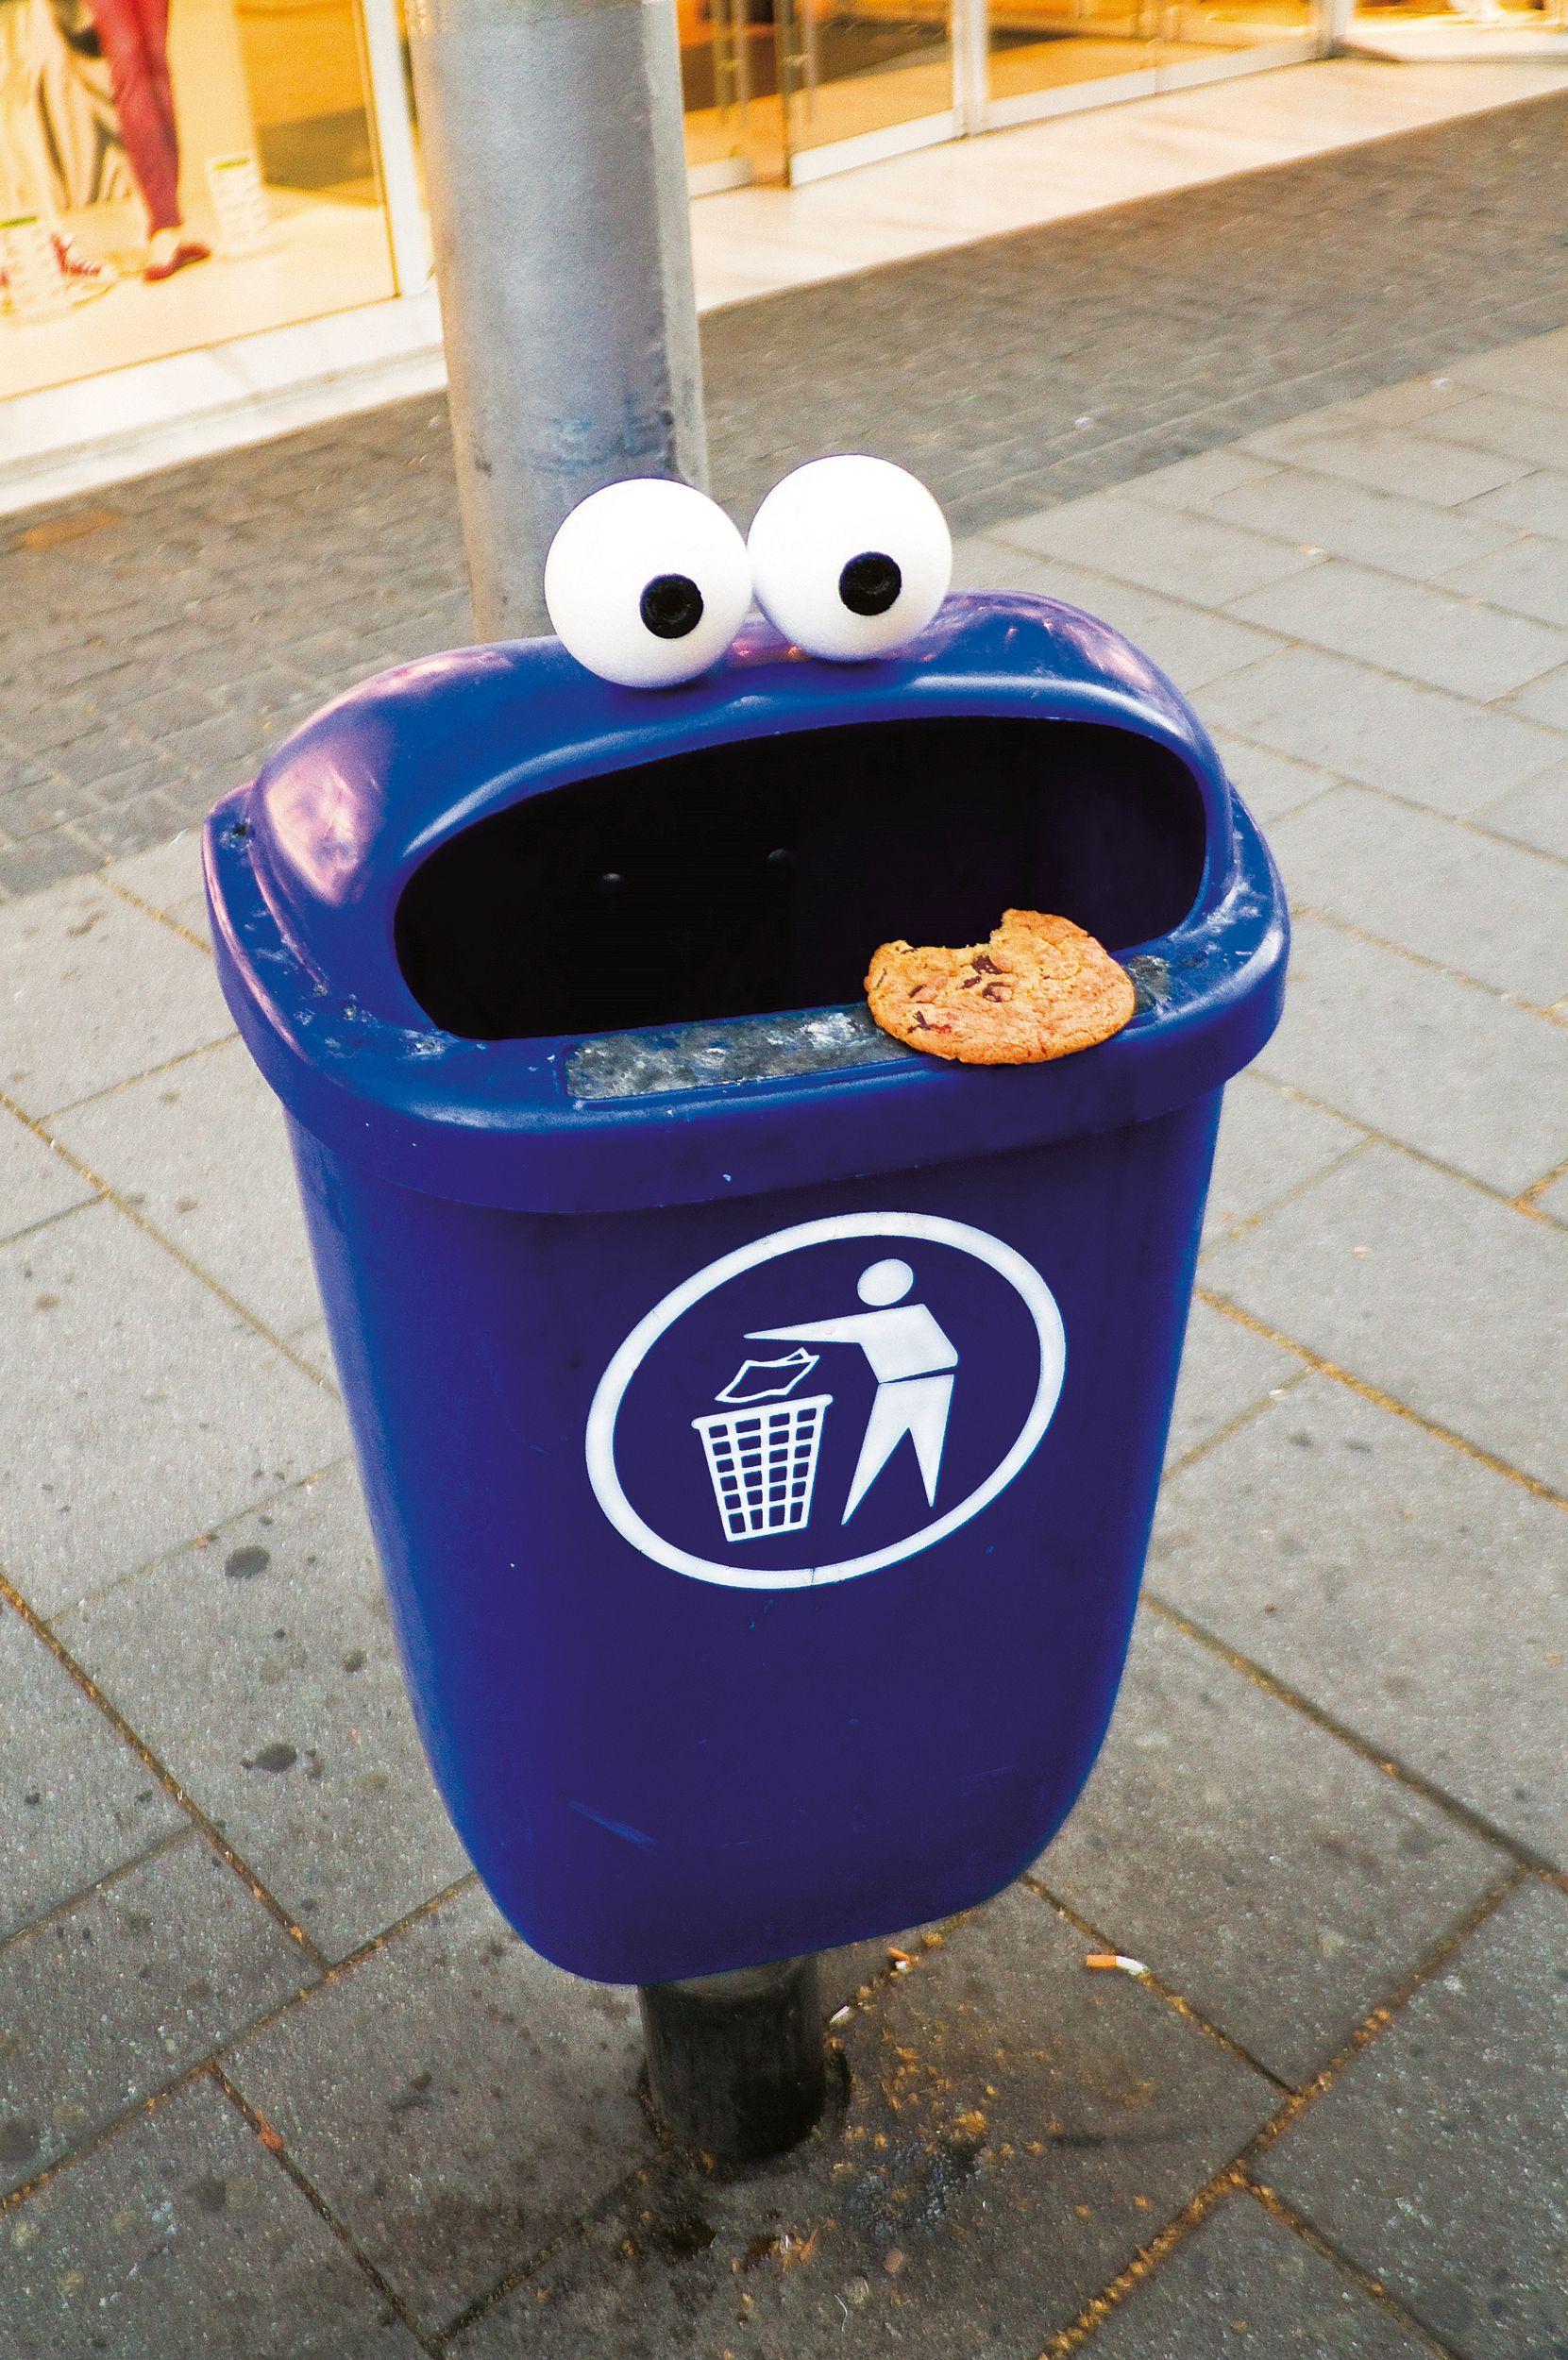 Timm Schneider NEON n°1 Biscuits monstre, Street art